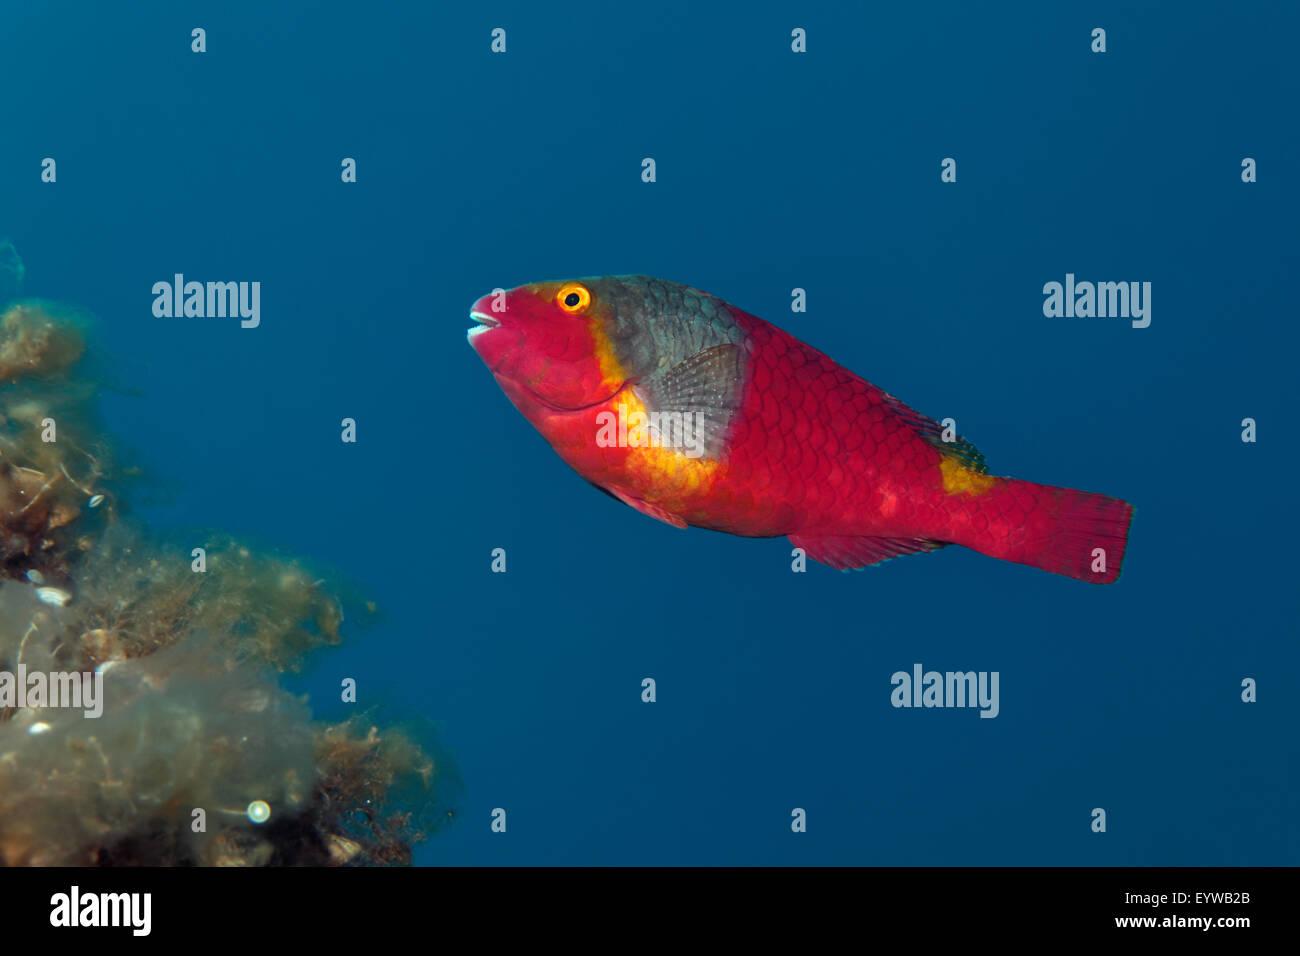 Pesci pappagallo mediterraneo (Sparisoma cretense), Corfu, Isole Ionie, Grecia Immagini Stock